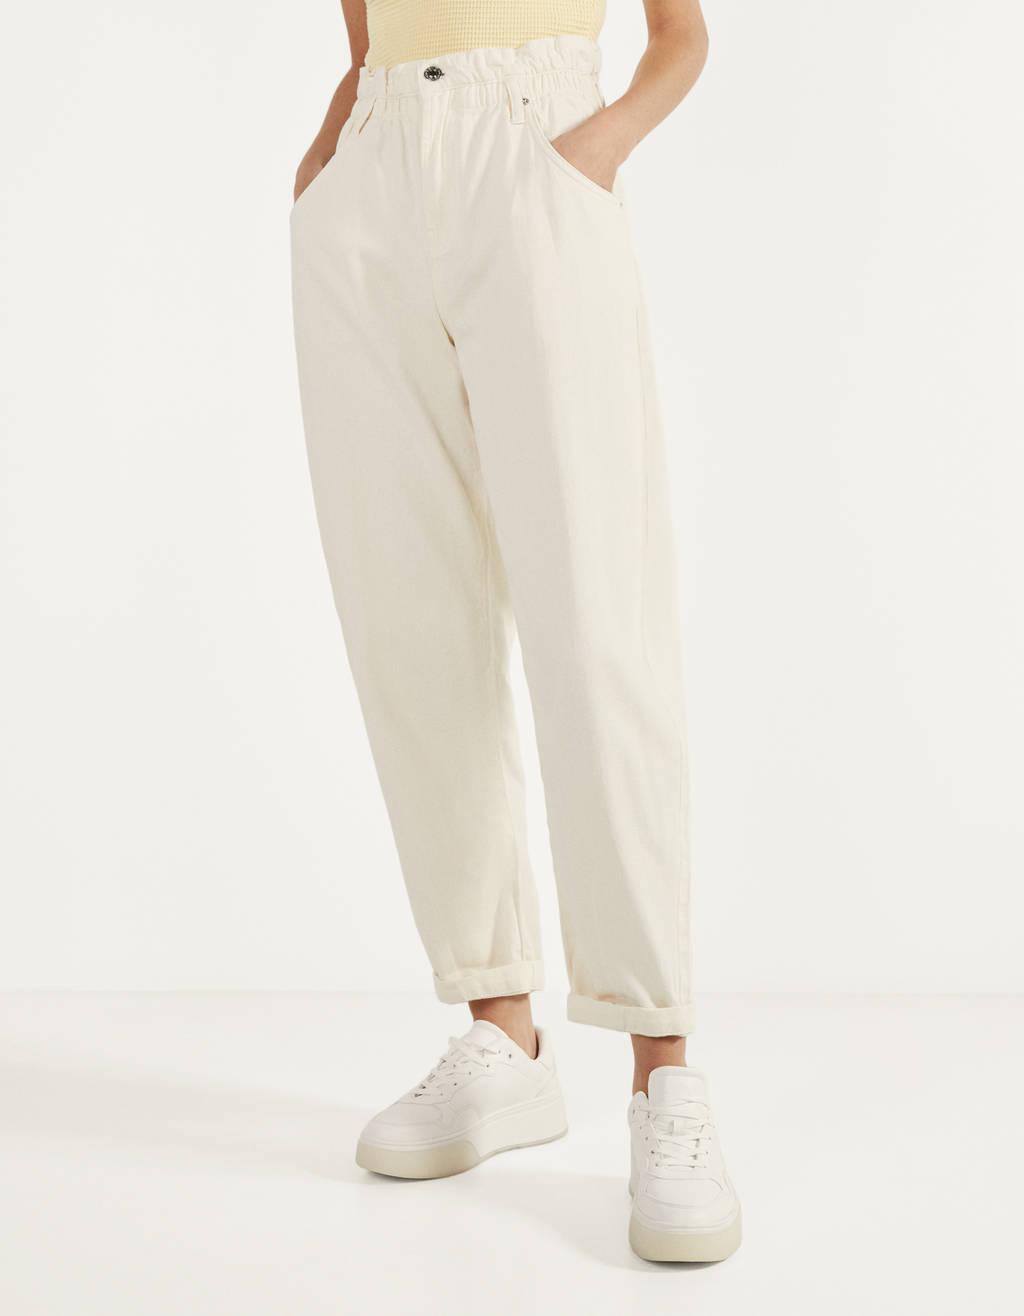 Slouchy broek met elastische tailleband